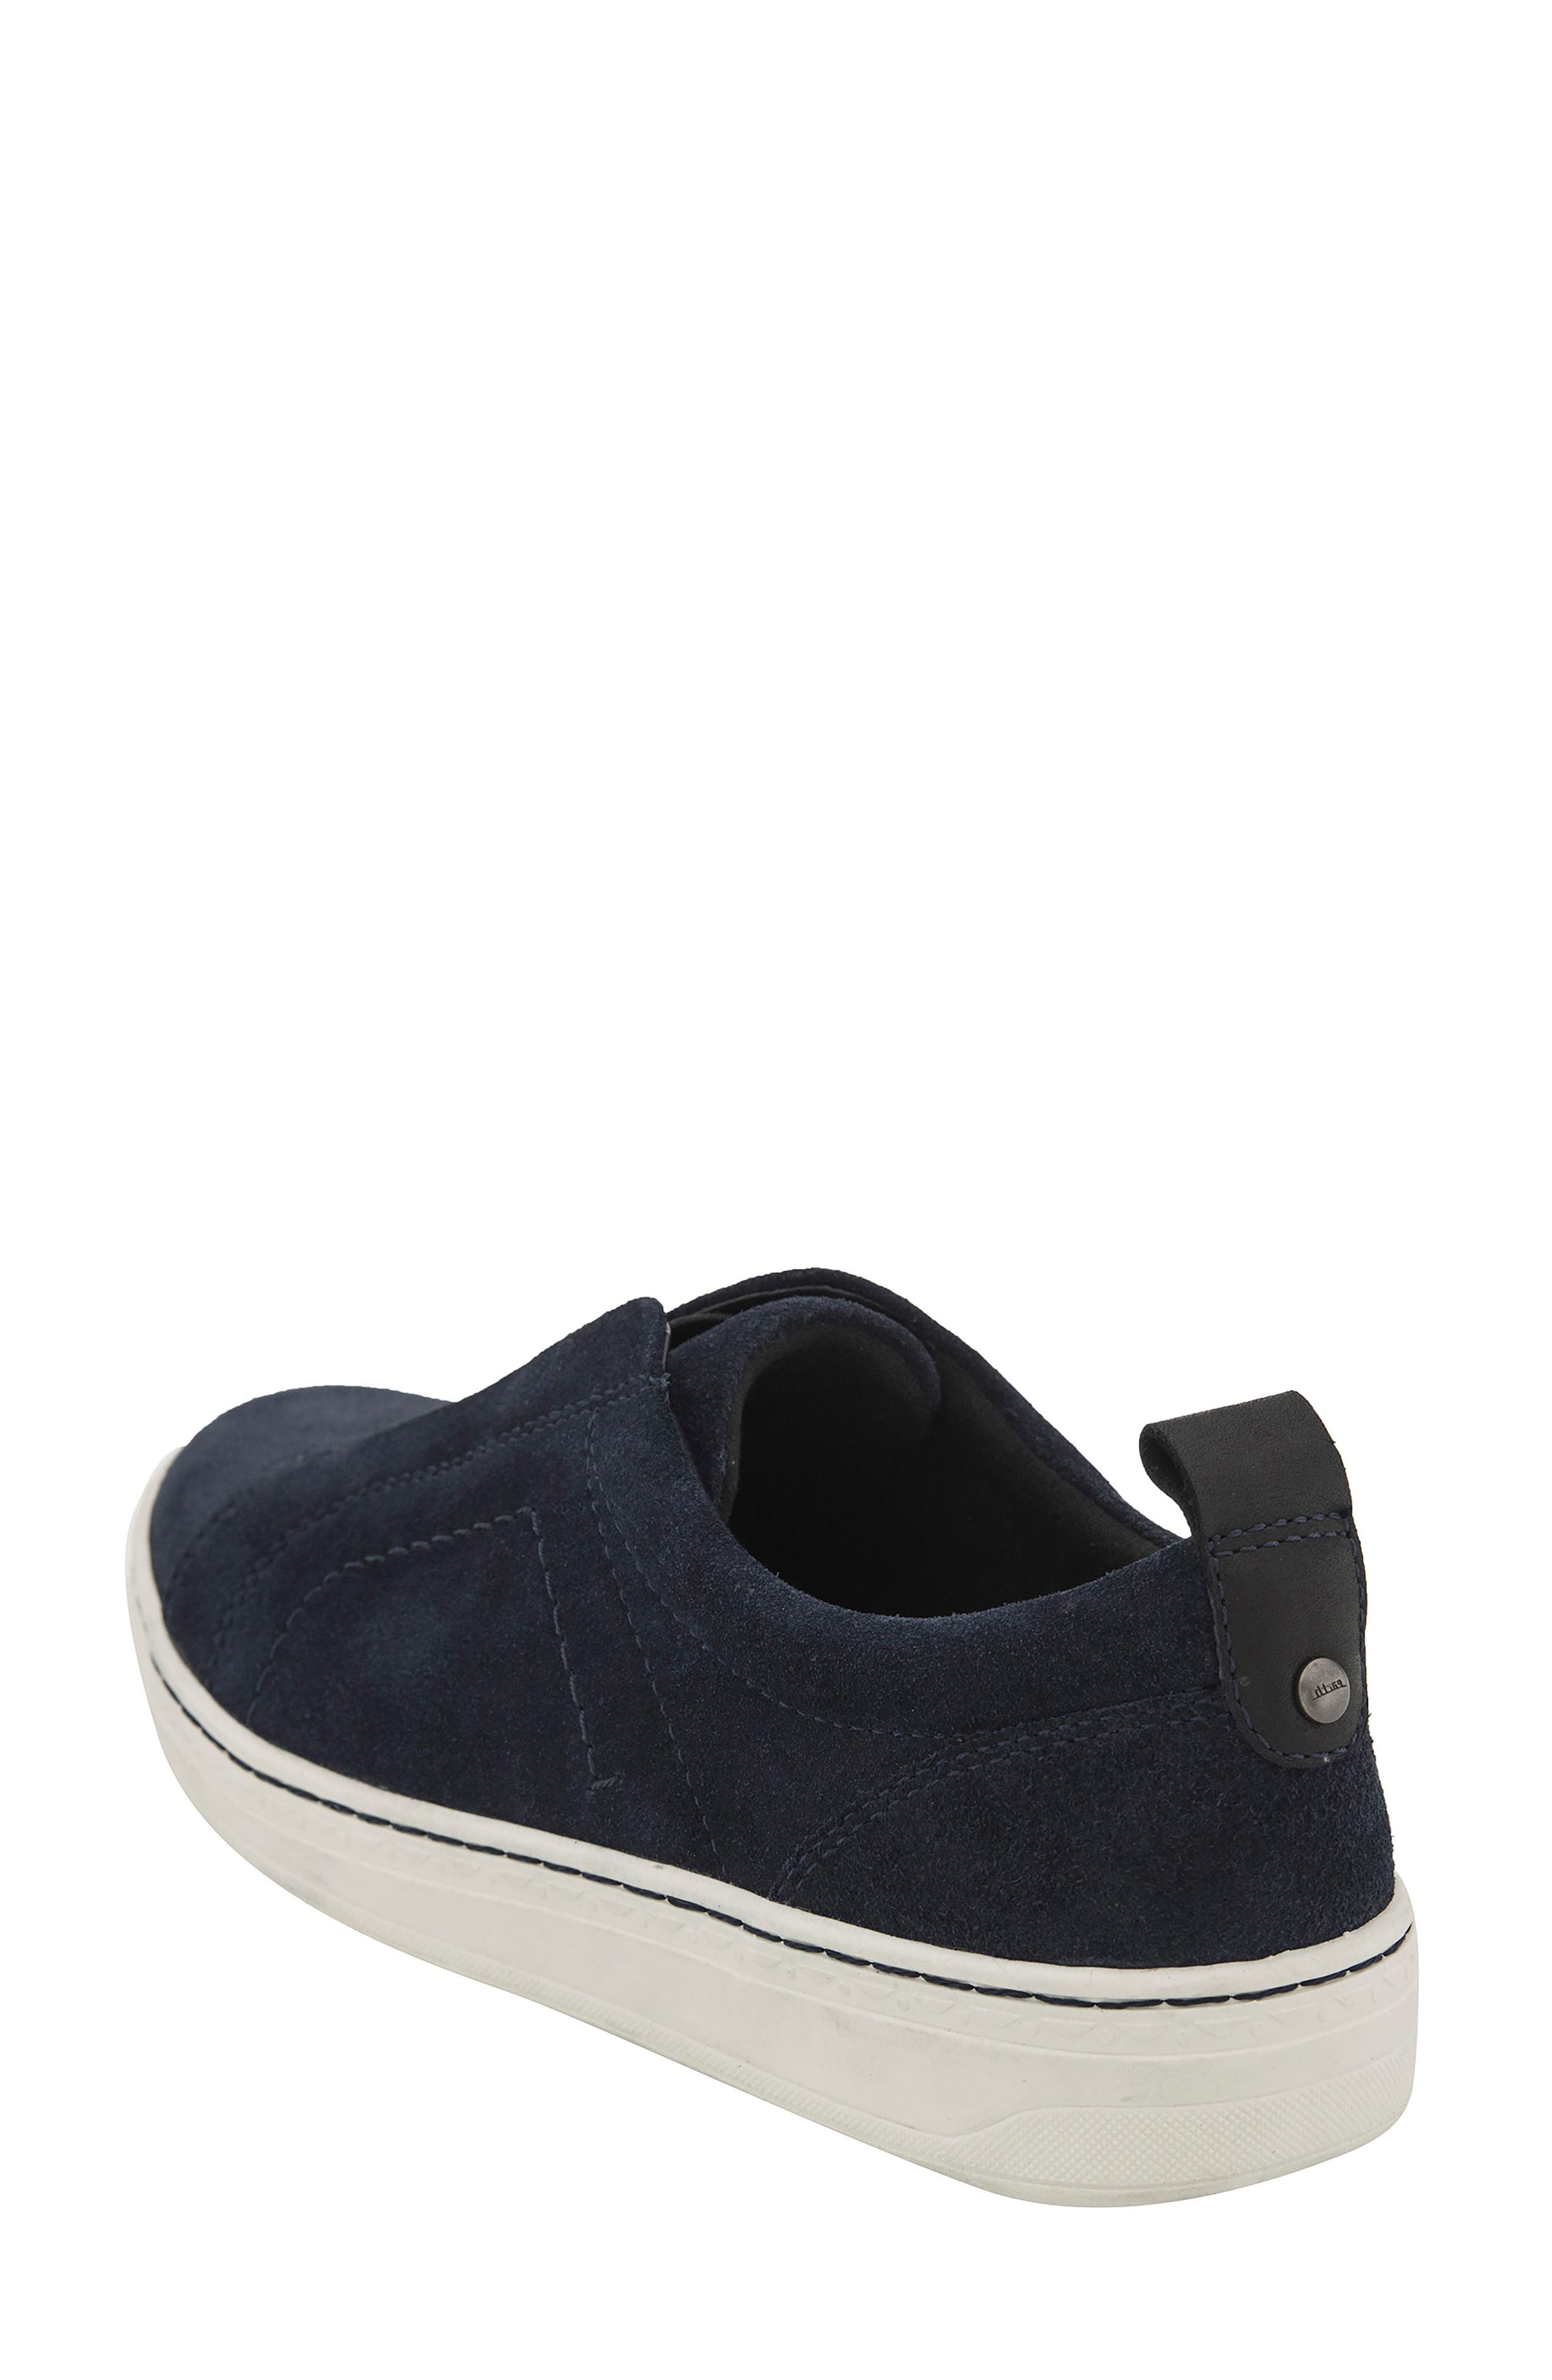 Zetta Slip-On Sneaker,                             Alternate thumbnail 5, color,